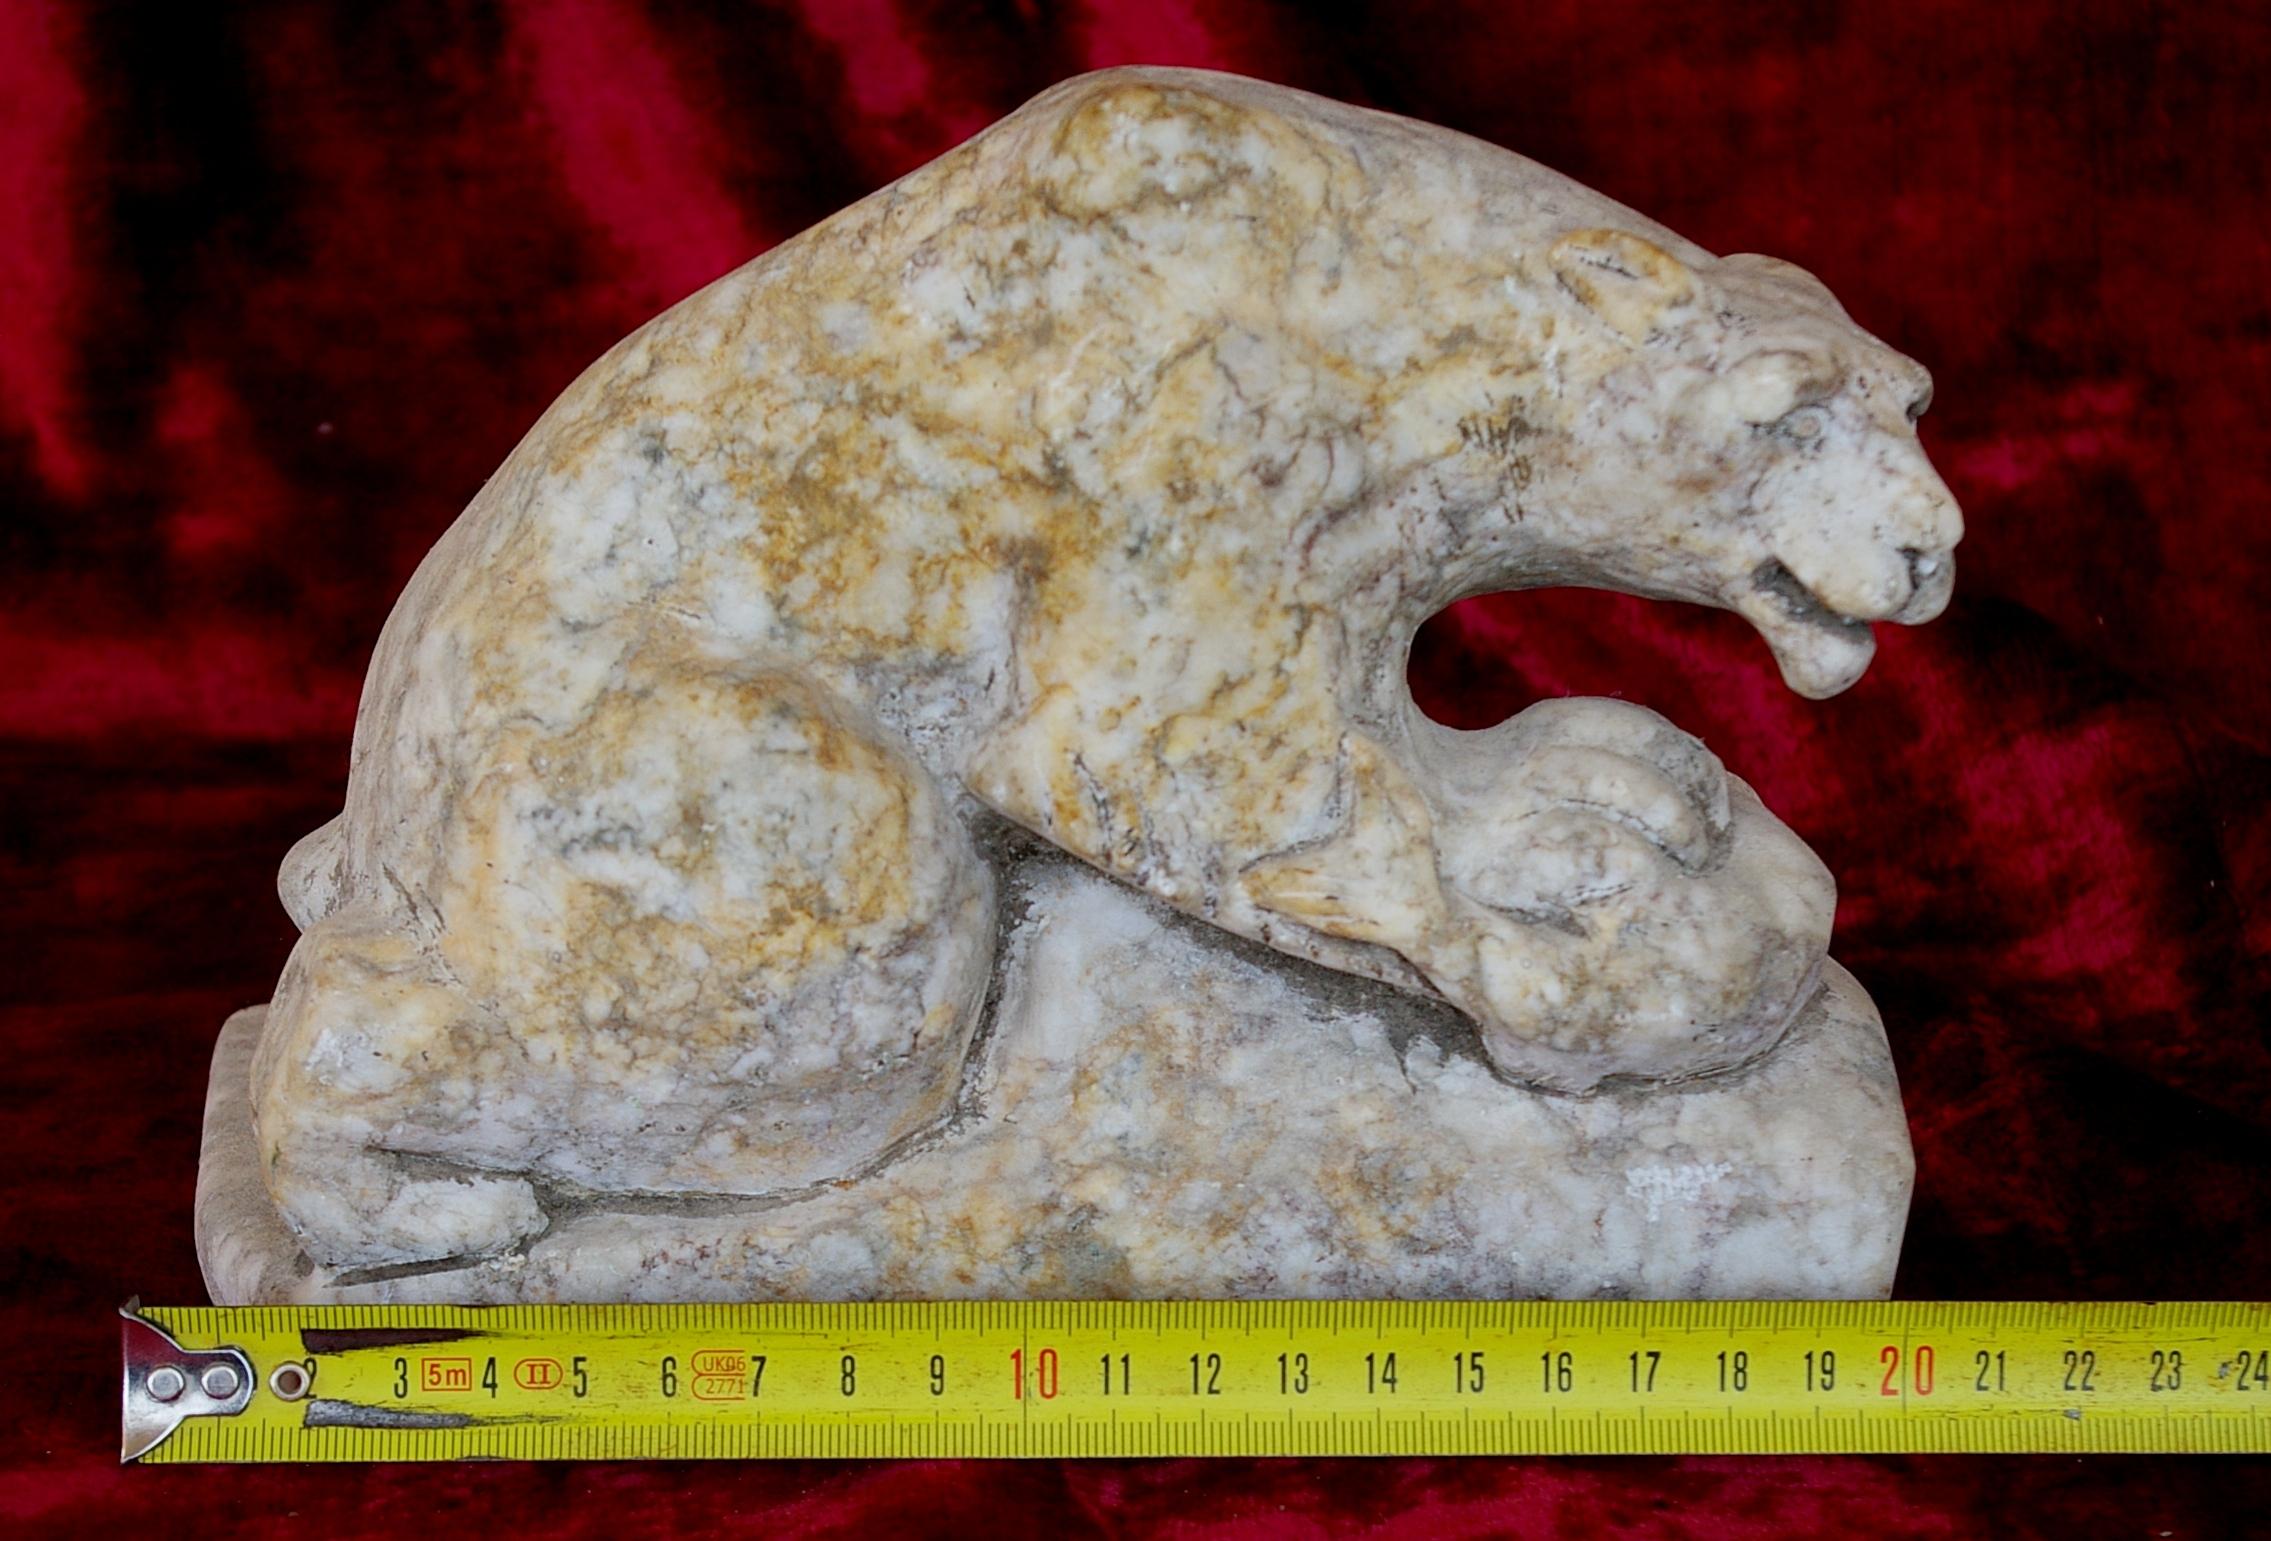 Скульптура Медведь, материал камень, высота 15 см., ширина 10 см., длина 20 см. - 6